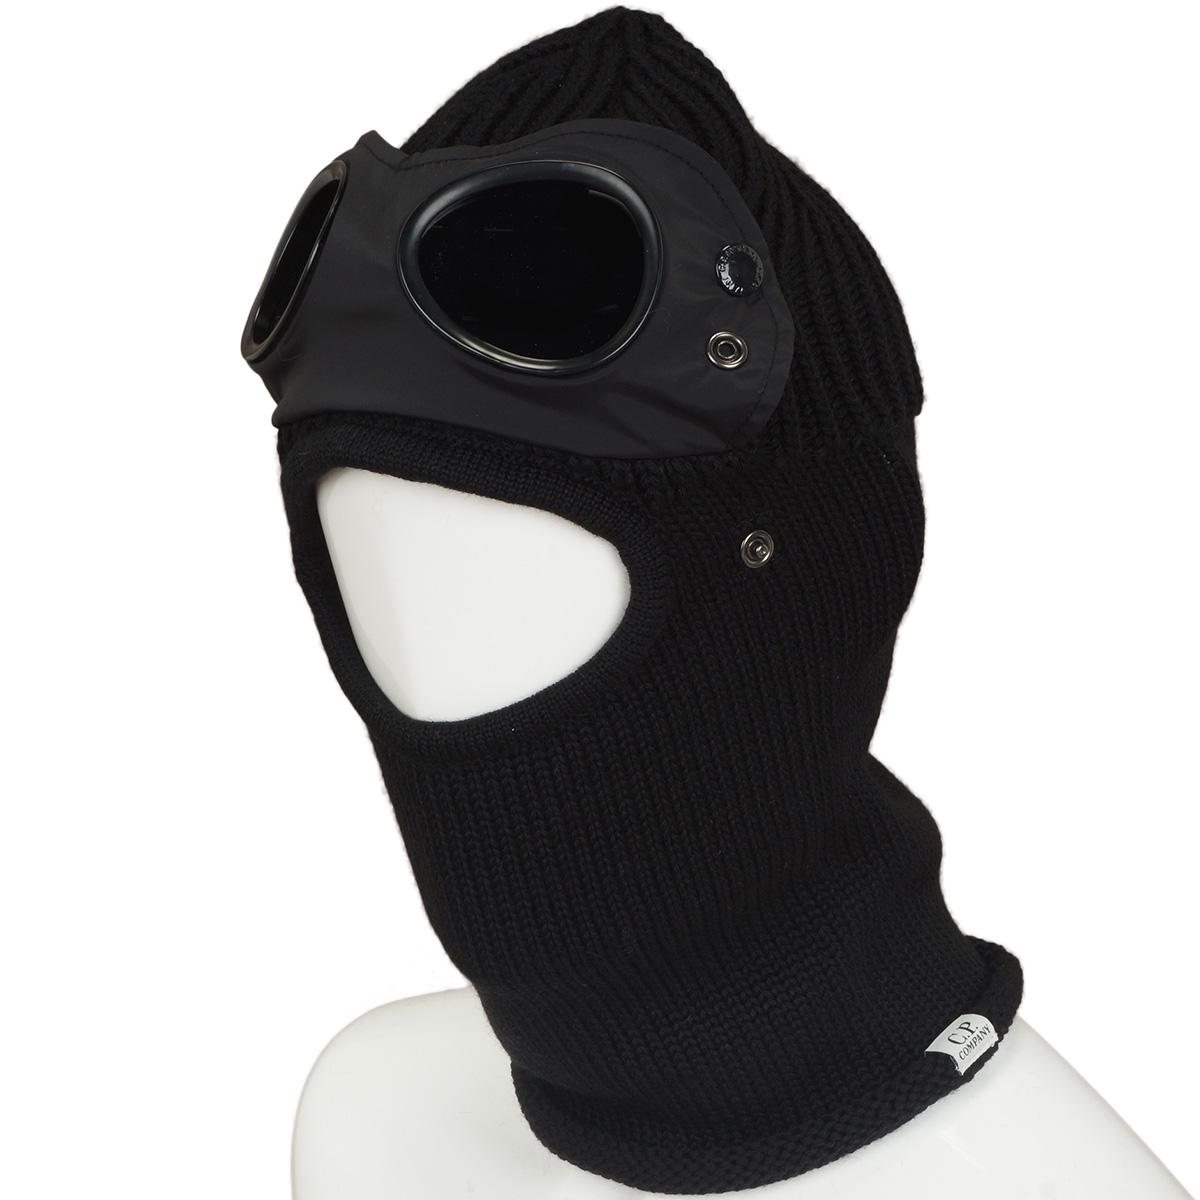 ゴーグル付きスキーマスク